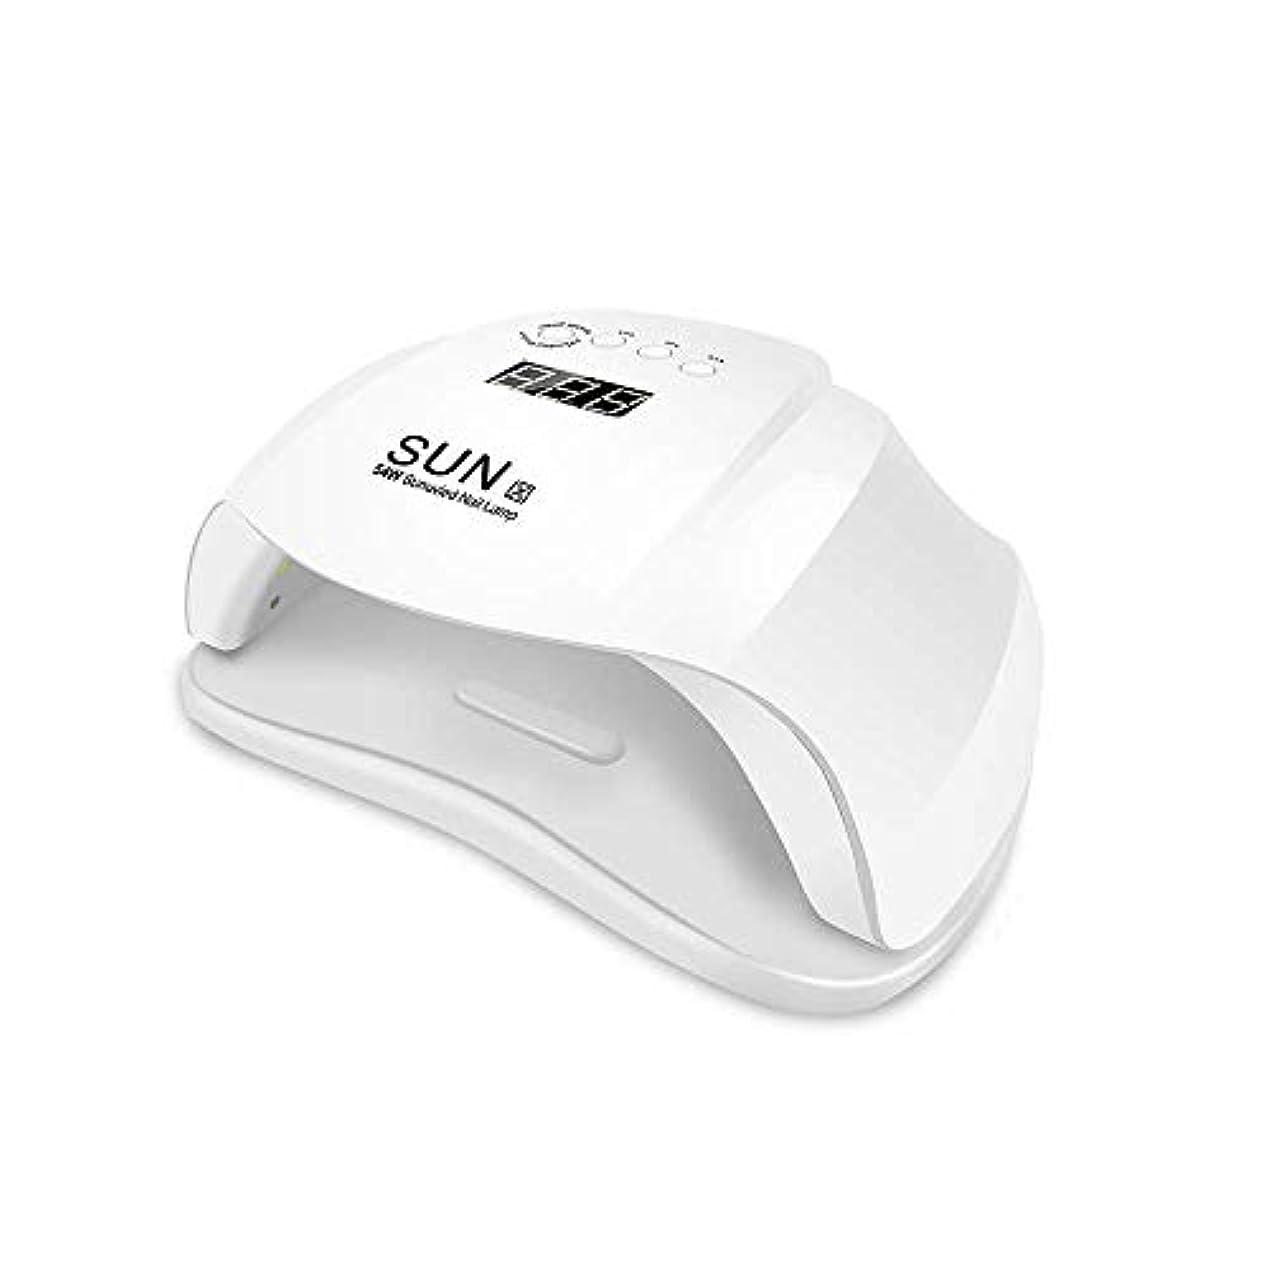 労働者ぴかぴか出会い硬化用UVライトUV LEDネイルドライヤー レジンライト 54W タイマー設定可能